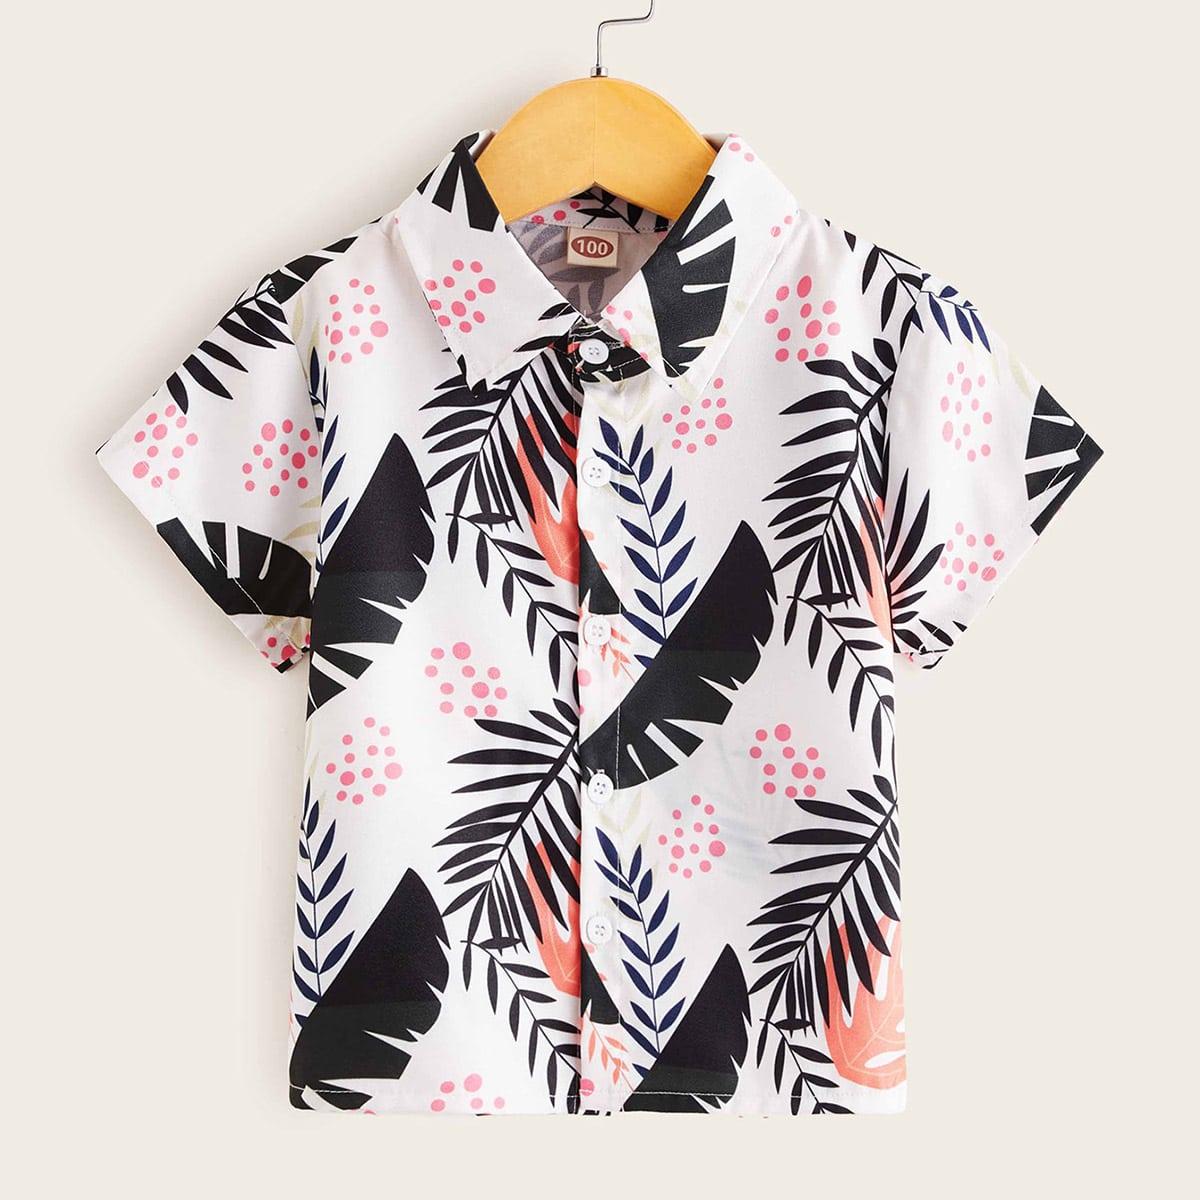 Рубашка с пуговицами и принтом растений дл мальчиков от SHEIN